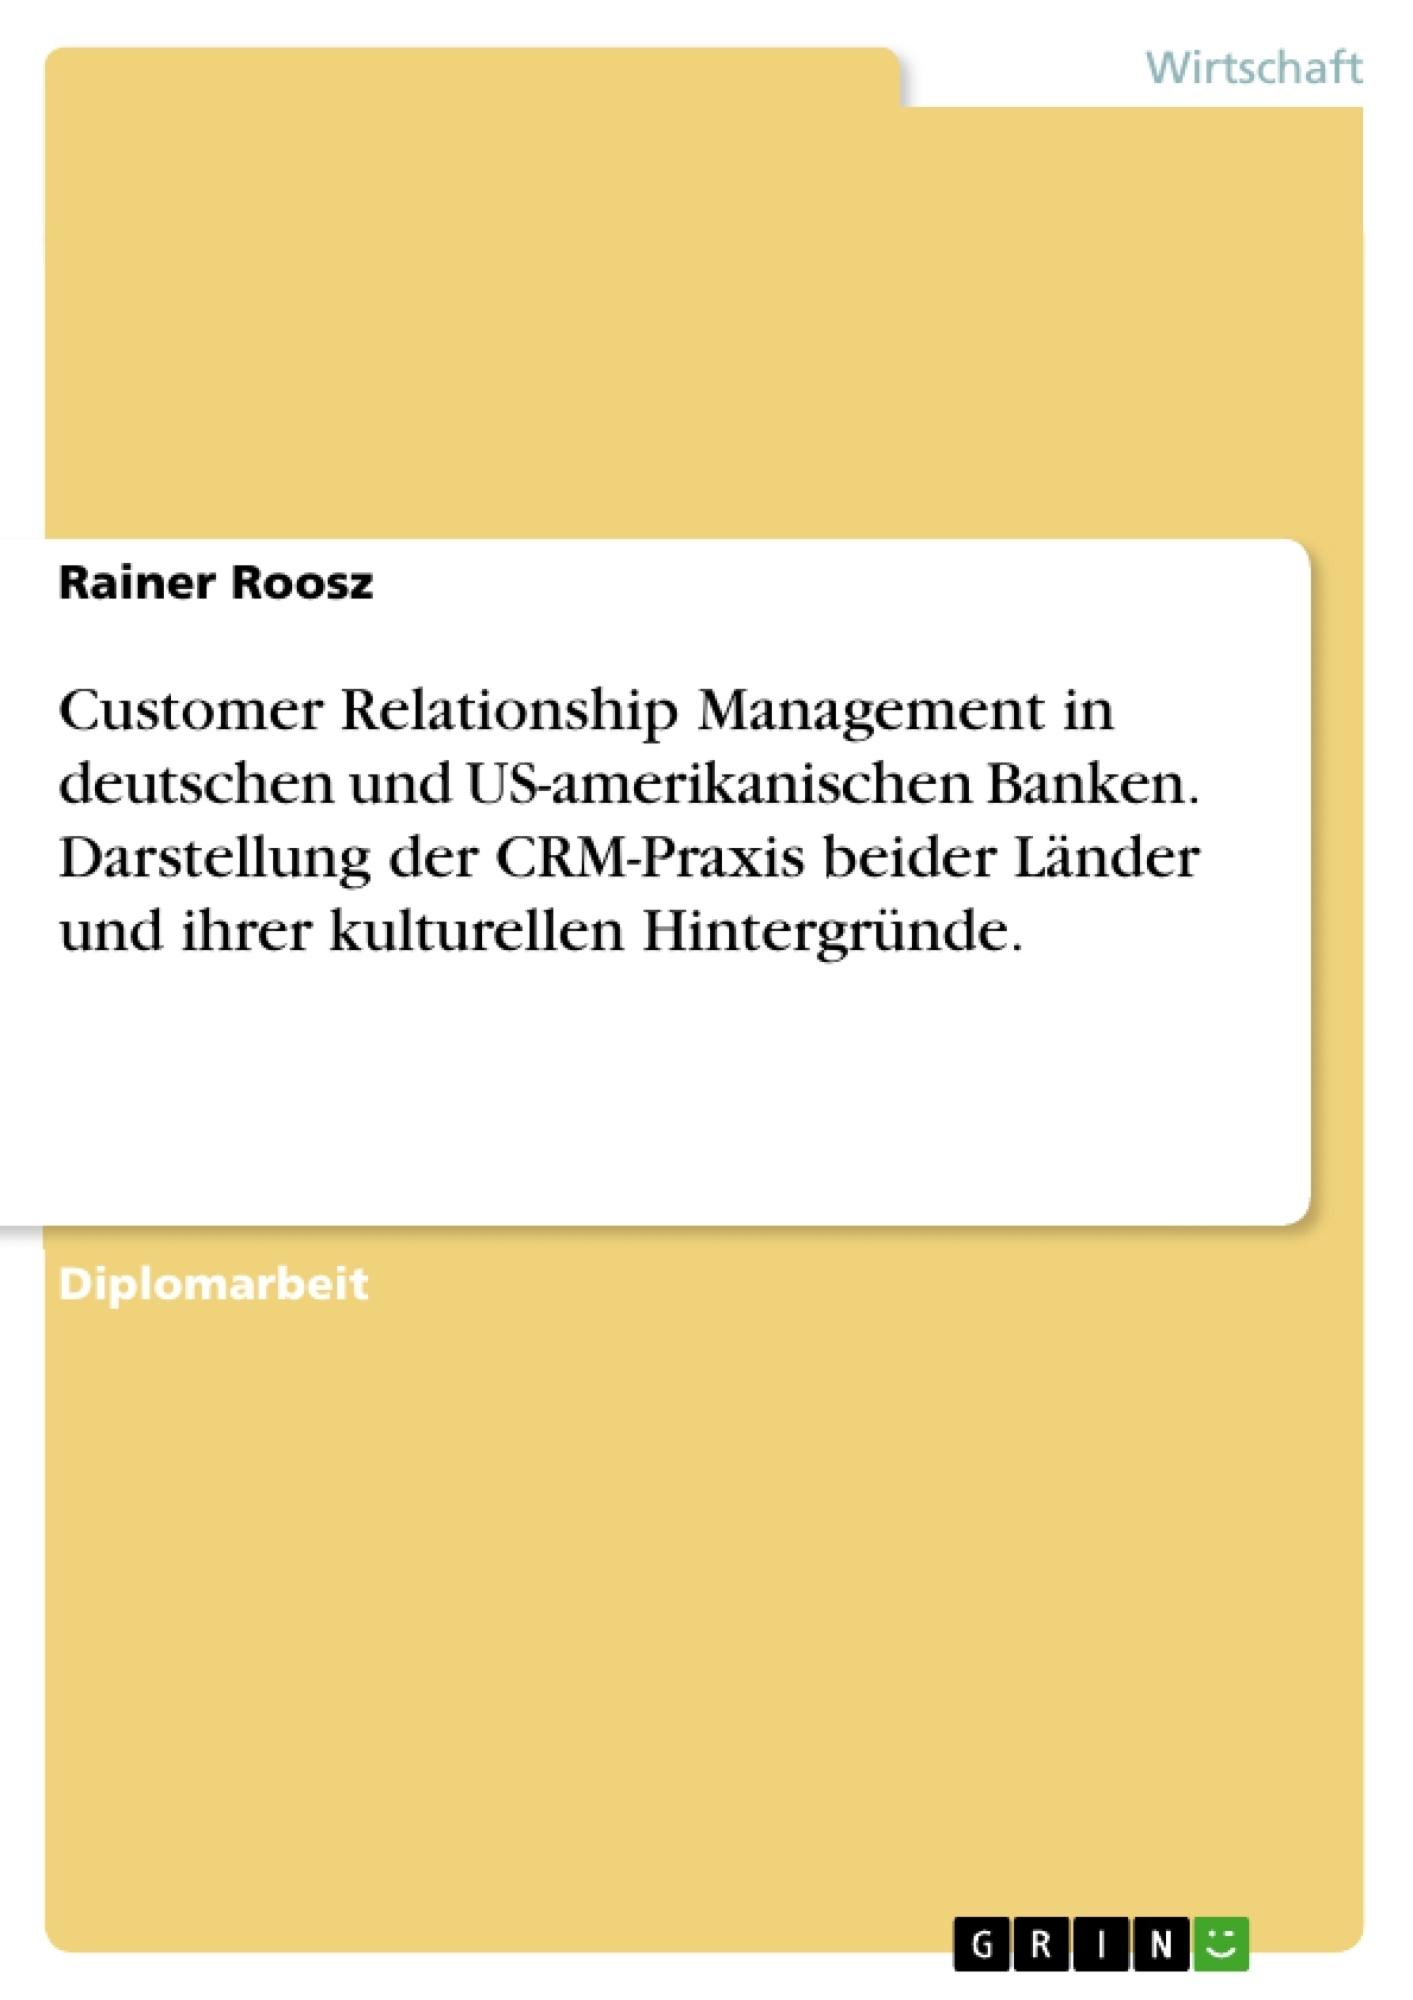 Titel: Customer Relationship Management in deutschen und US-amerikanischen Banken. Darstellung der CRM-Praxis beider Länder und ihrer kulturellen Hintergründe.